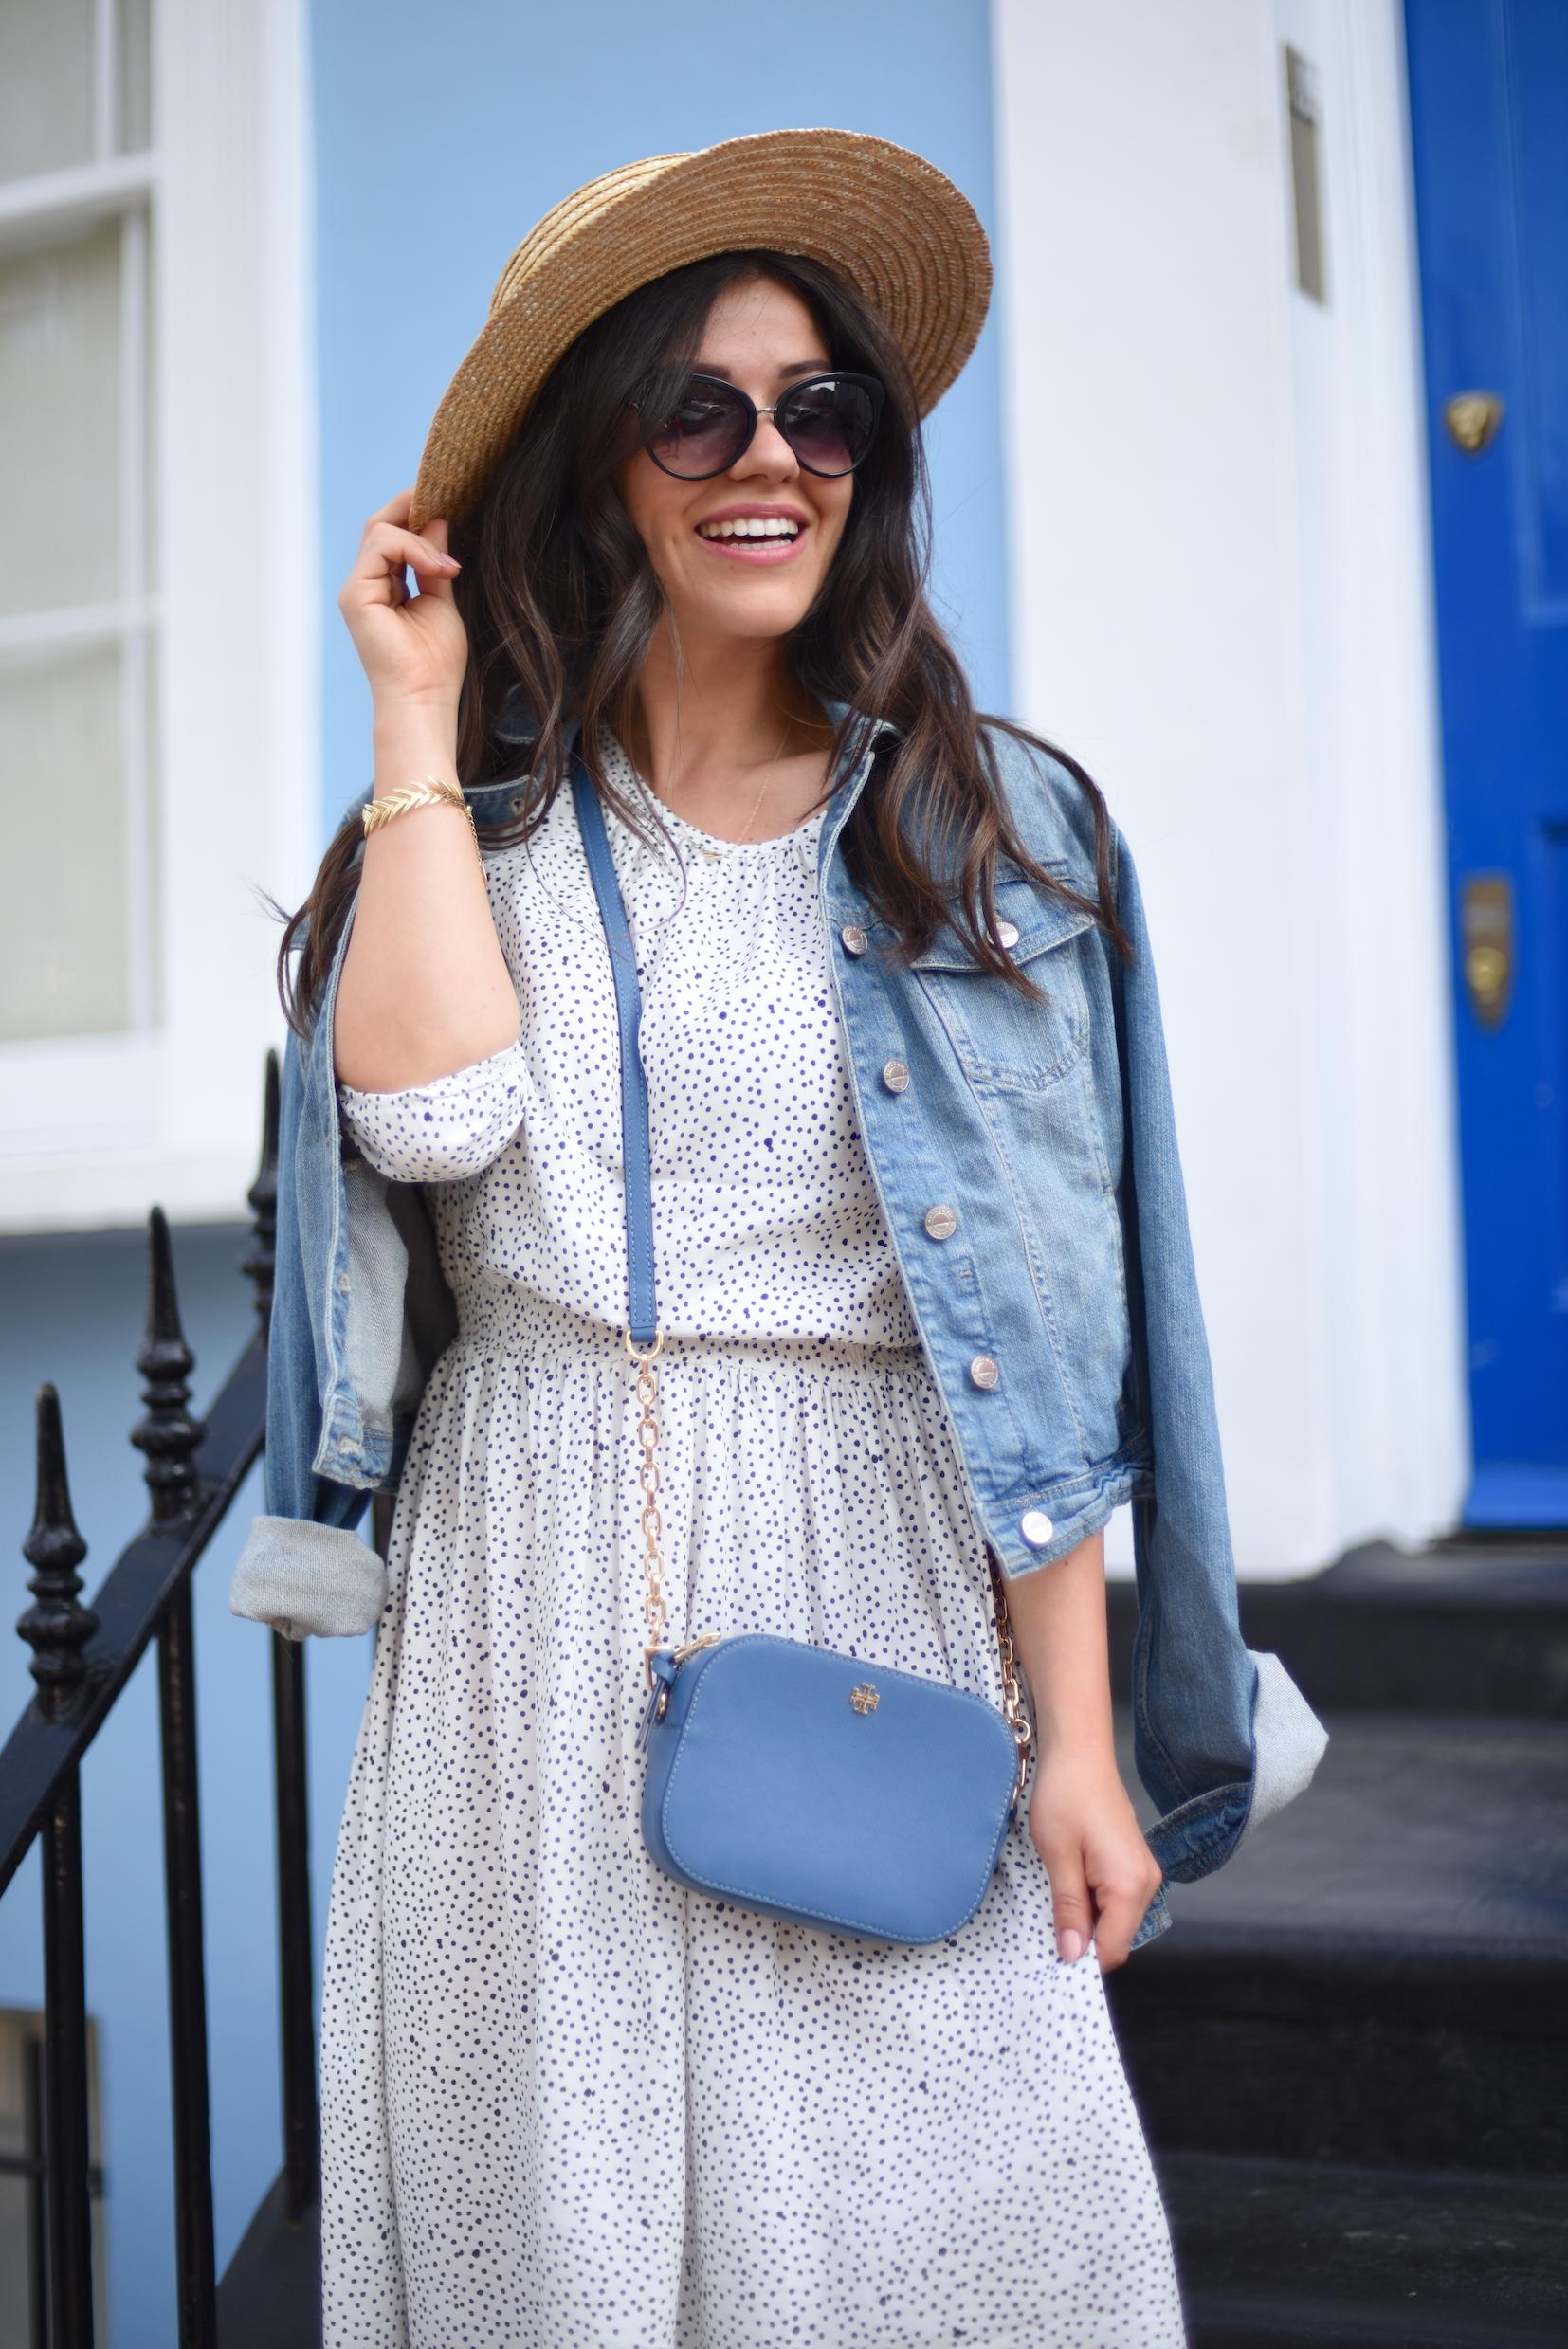 fashionelka londyn zwiedzanie